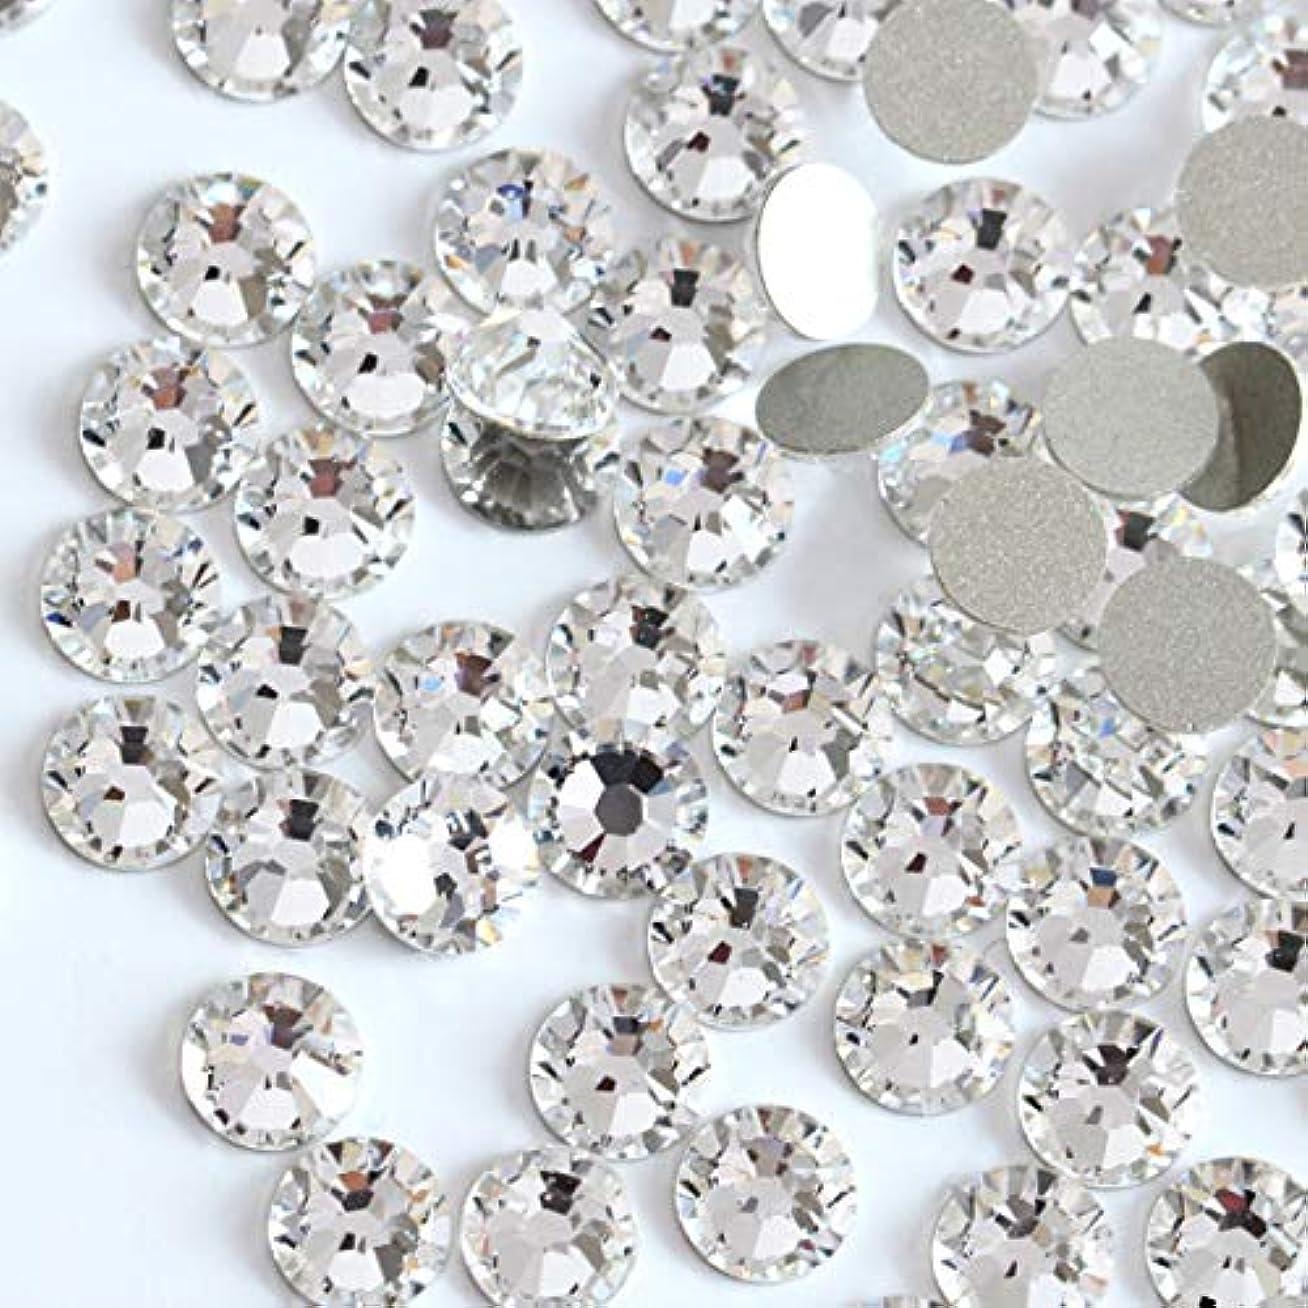 ラジエーター盗難複雑な【ラインストーン77】高品質ガラス製ラインストーン クリスタル SS16(4.0mm) 約1440粒